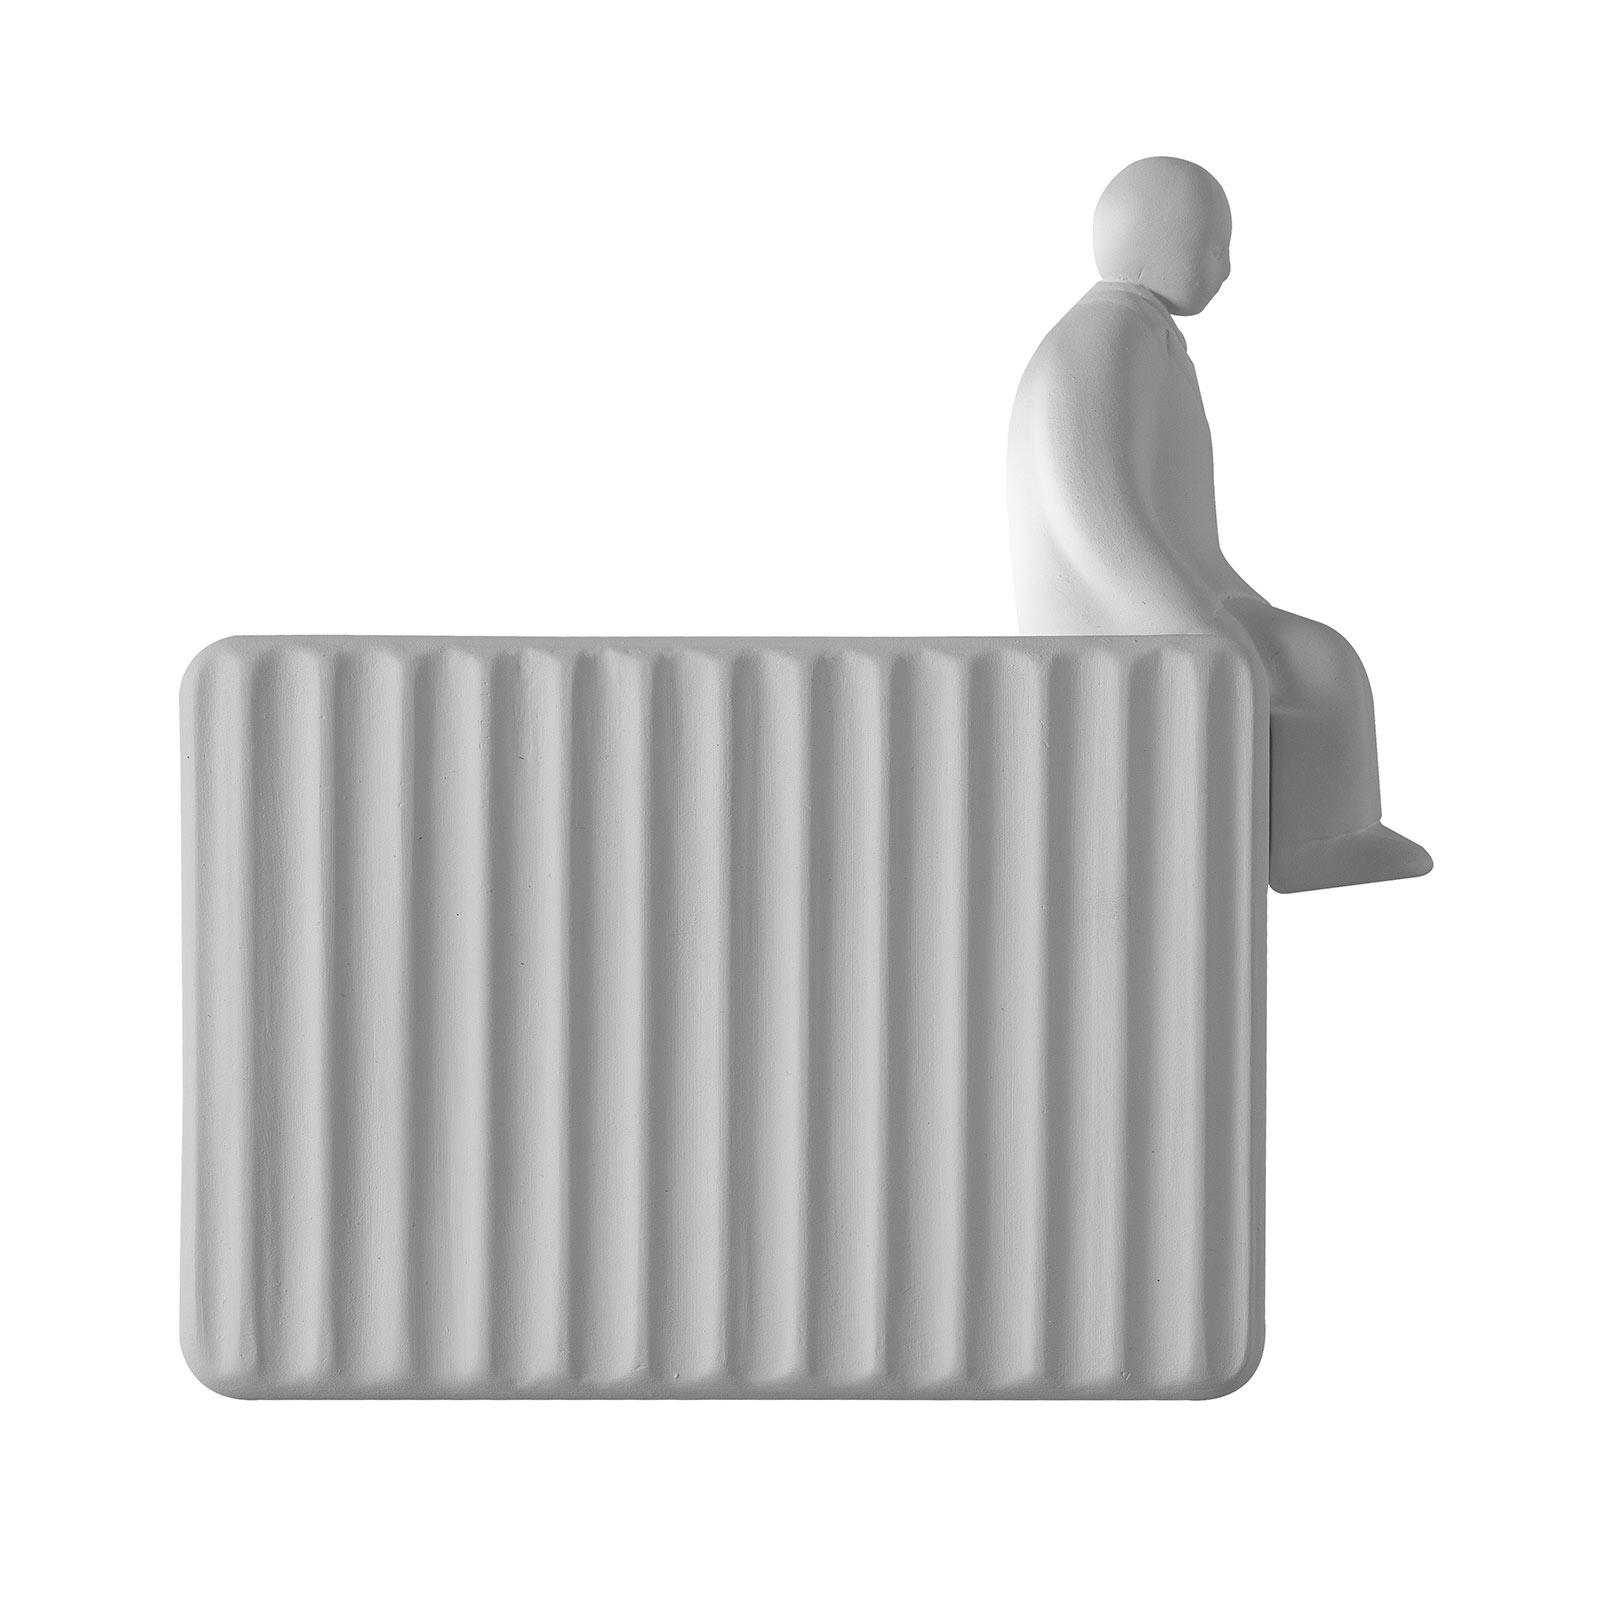 Karman Umarell decoratie figuur 13cm, zittend